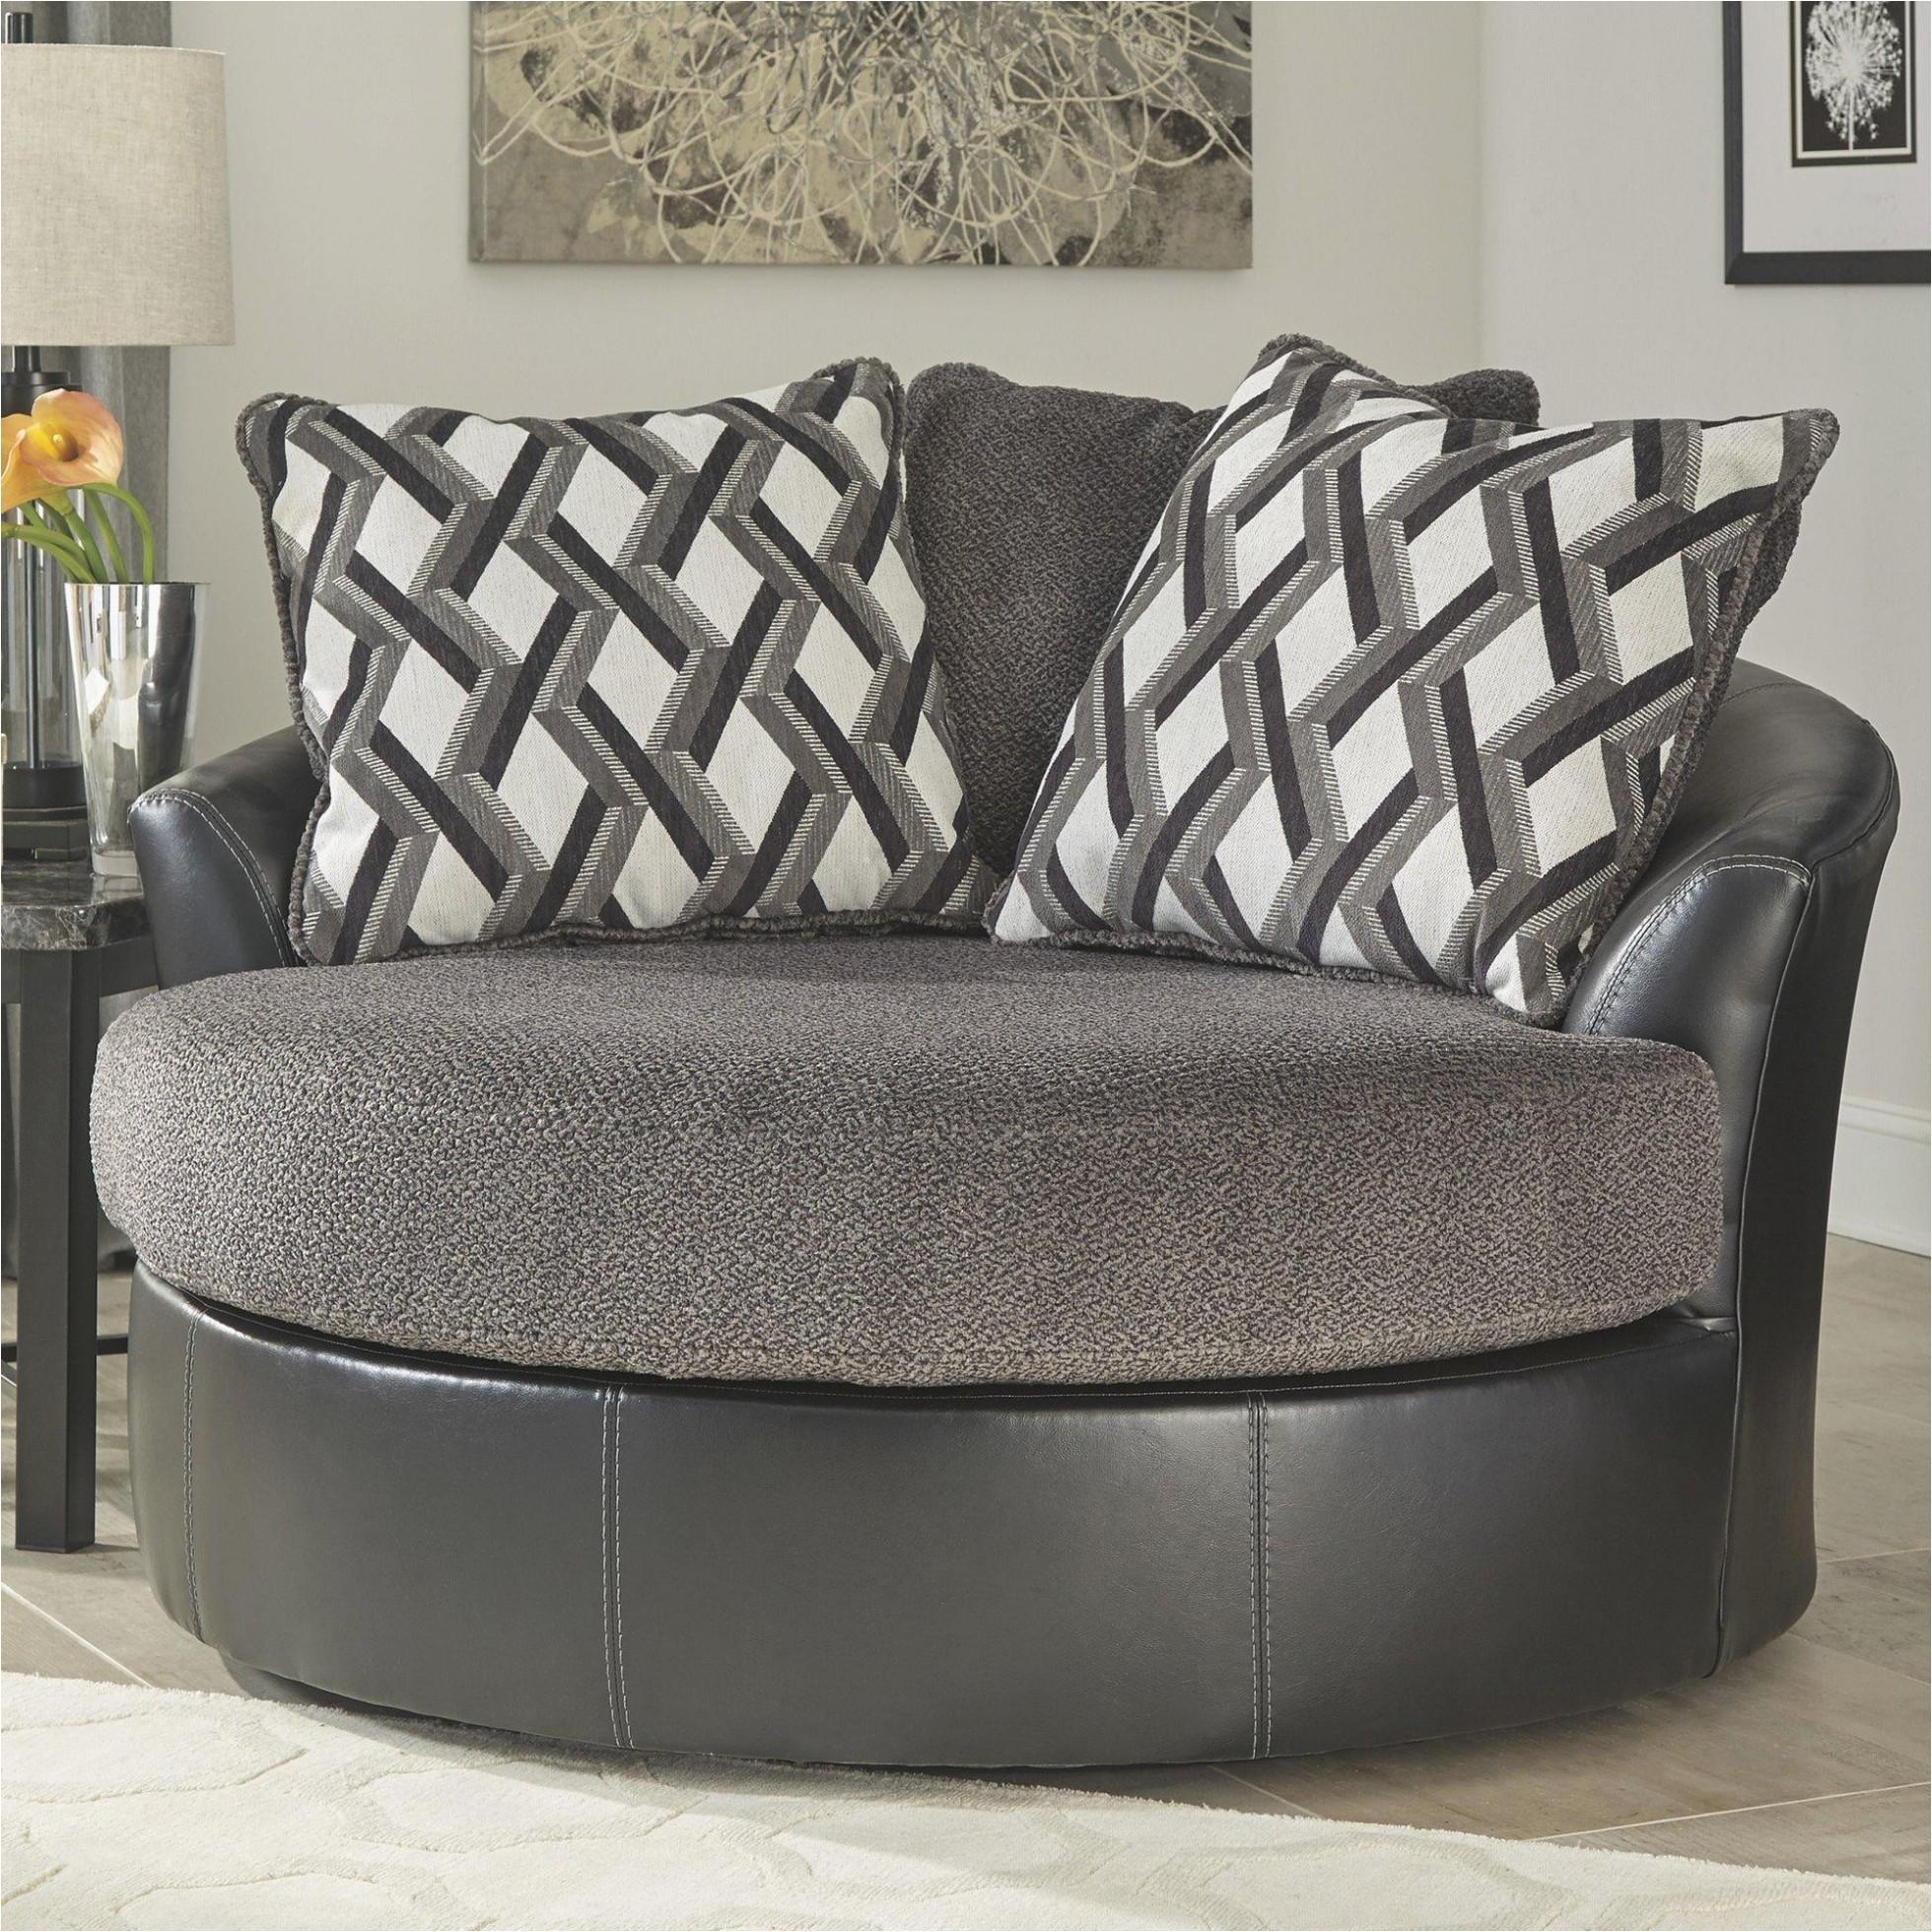 furniture wayfair outdoor sofa marvelousf wicker outdoor sofa 0d